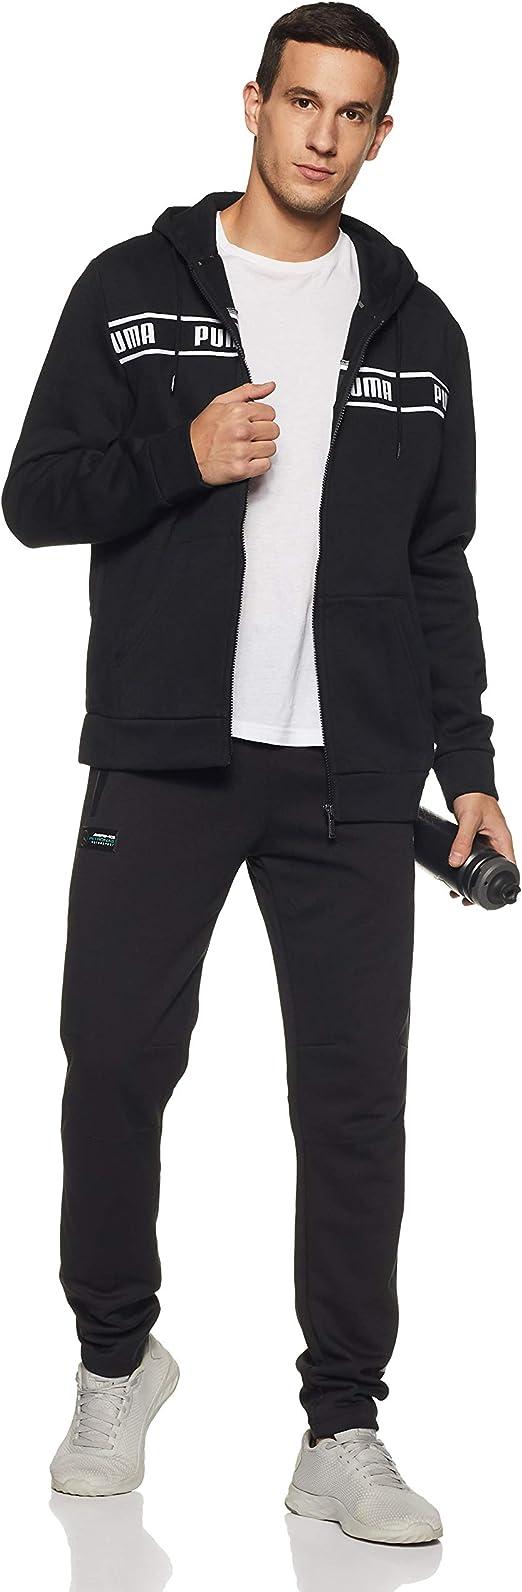 Puma Pantalon de survêtement Mercedes AMG: Amazon.es: Deportes y ...